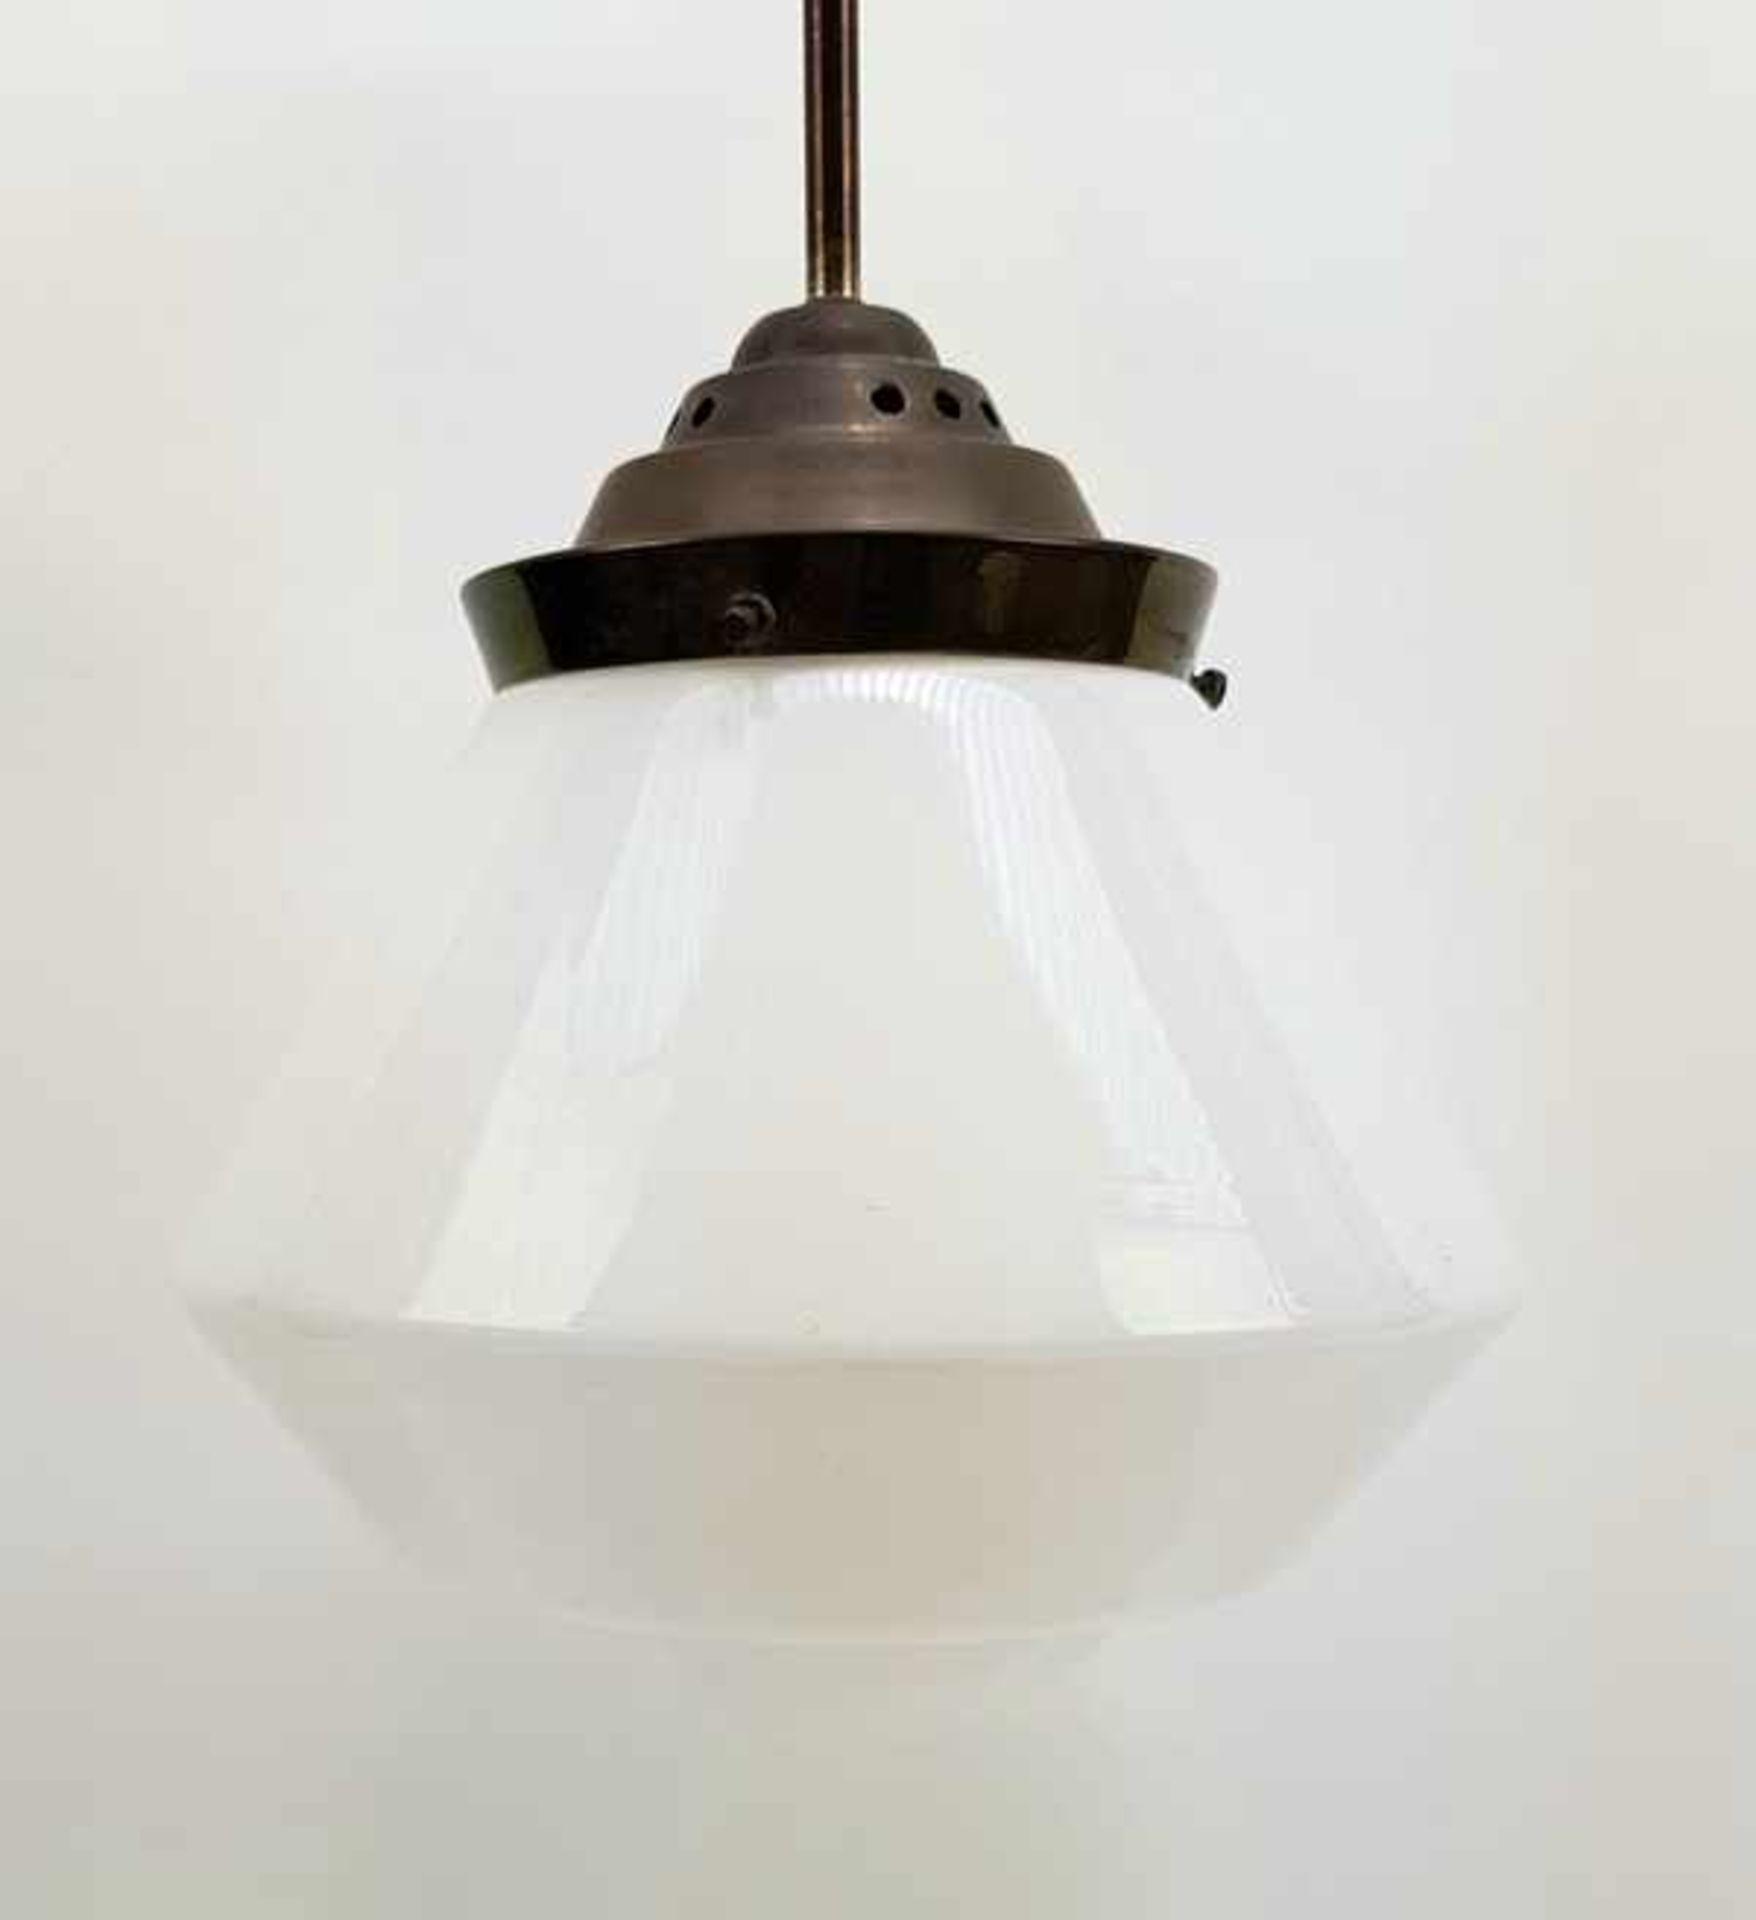 (Antiek) Hanglamp Gispen stijl - Image 3 of 3